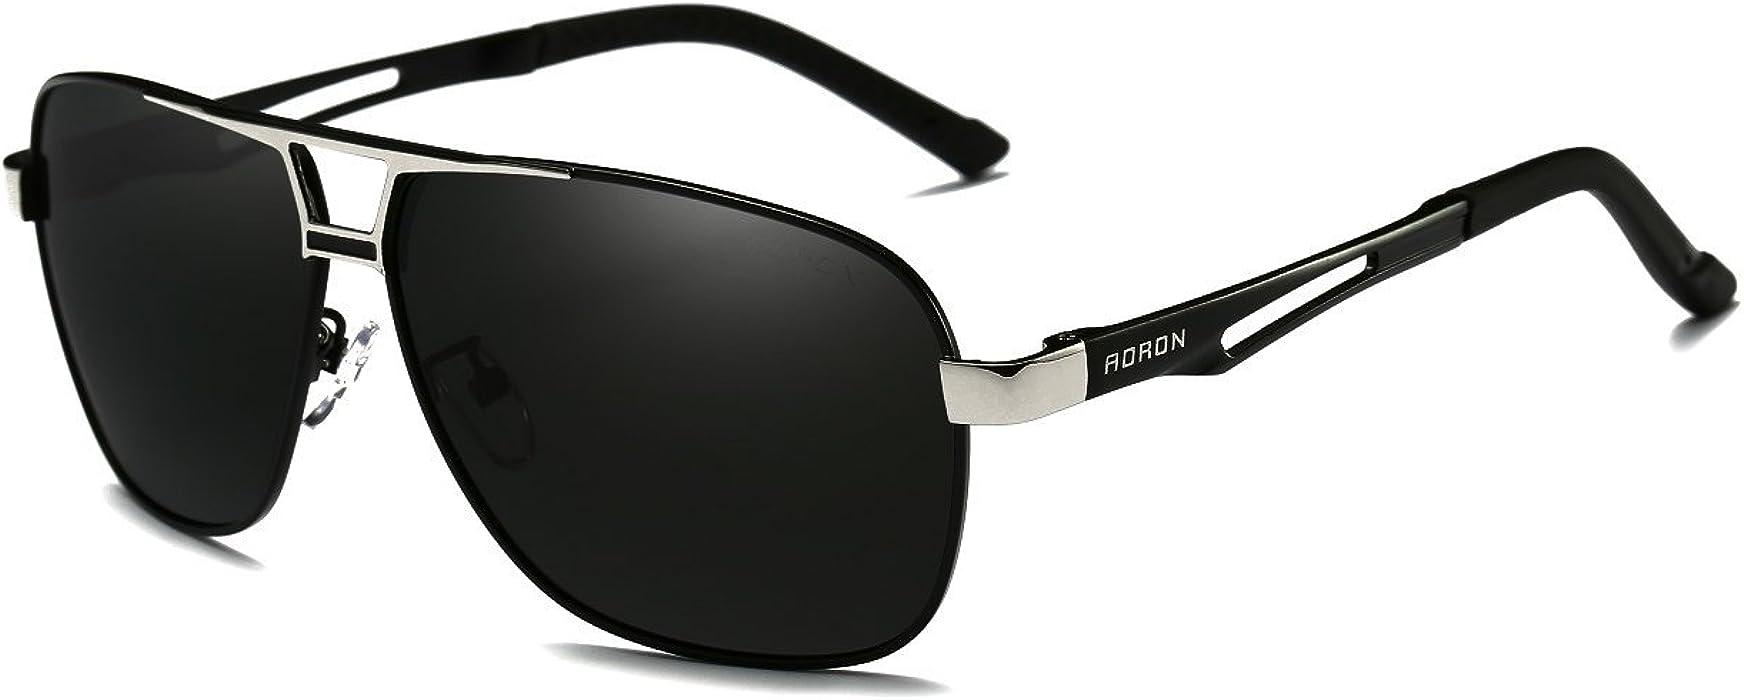 26f93a57e2 AORON Polarisierte Herren Sonnenbrille Polarisierte Outdoor Sportbrille  100% UV400 Schutz Fahren Sonnenbrille (Schwarz)